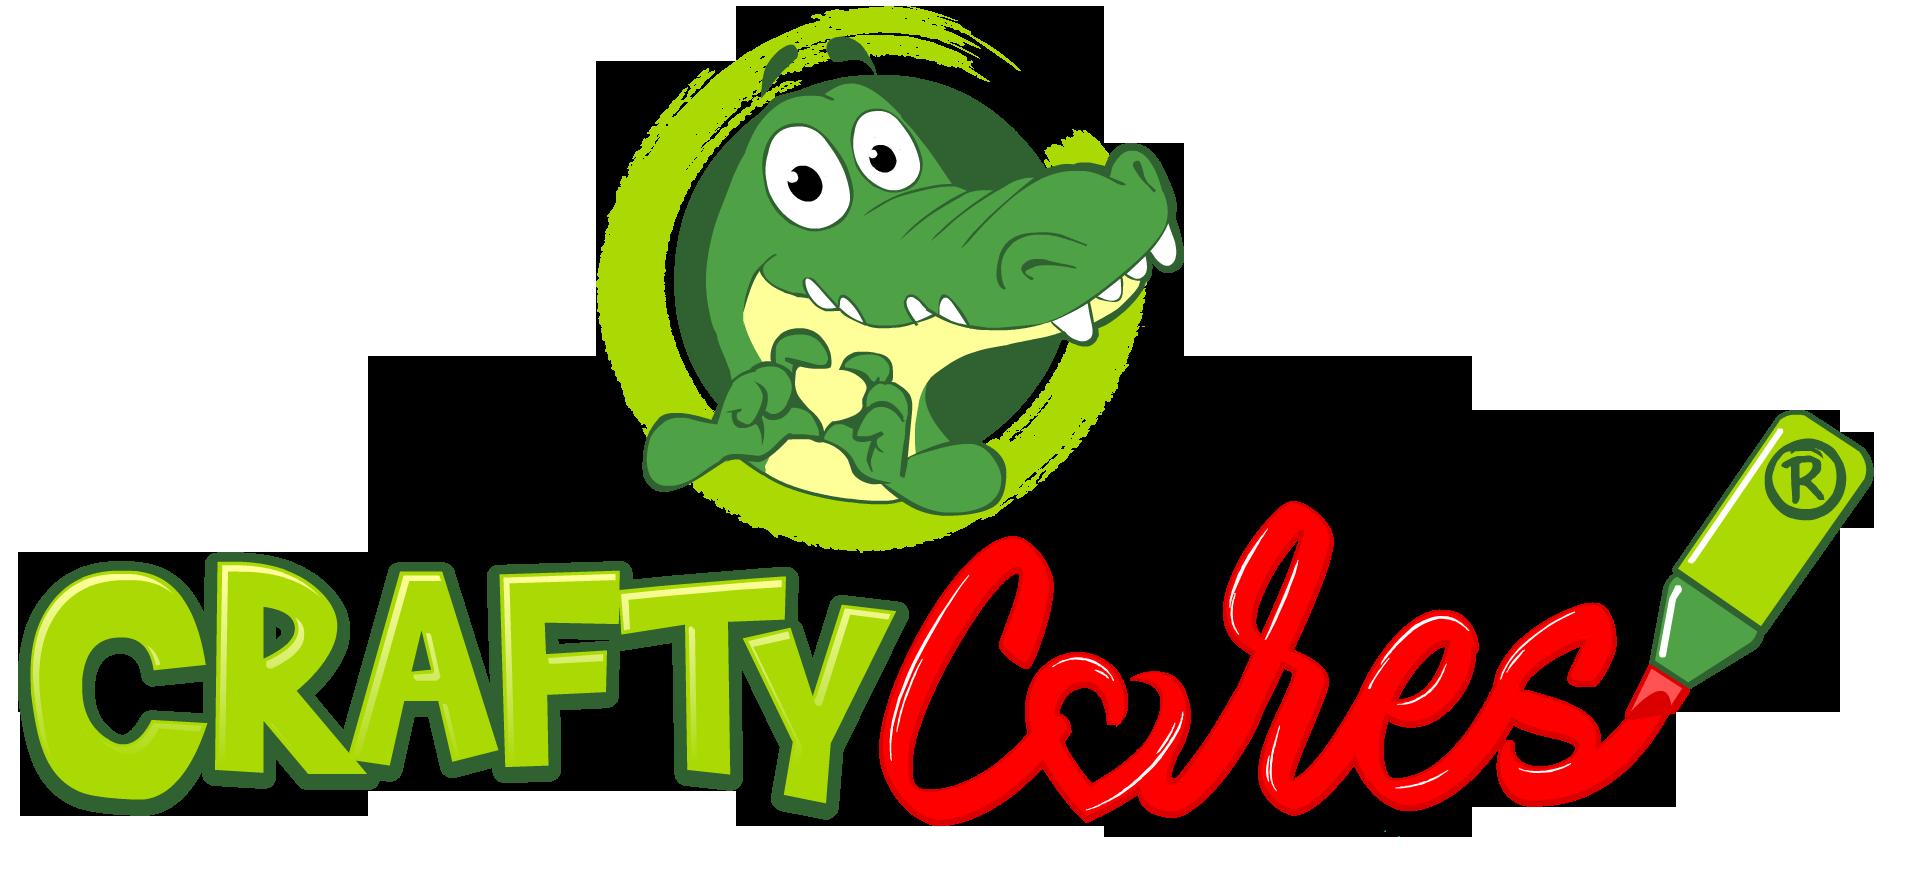 crafty cares logo